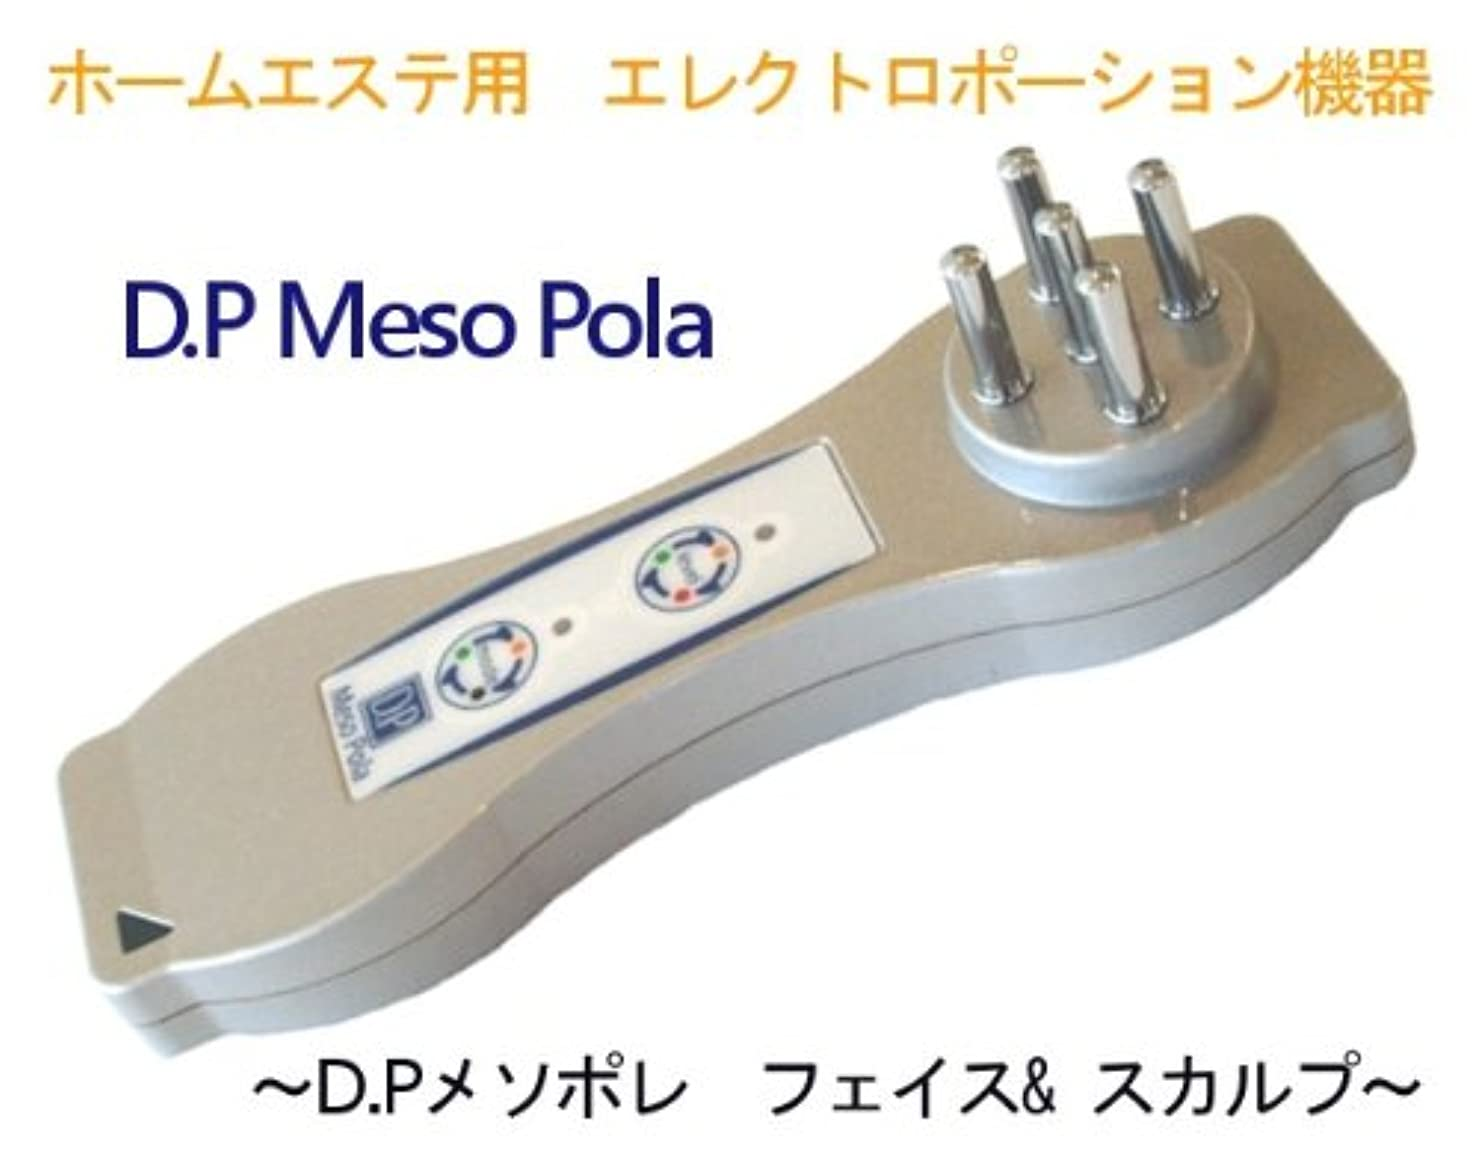 浴室フルーツ落ち着かないD.P Meso Pola(ディーピー メソポレ) フェイス&スカルプ ホームエステ用 エレクトロポーション機器